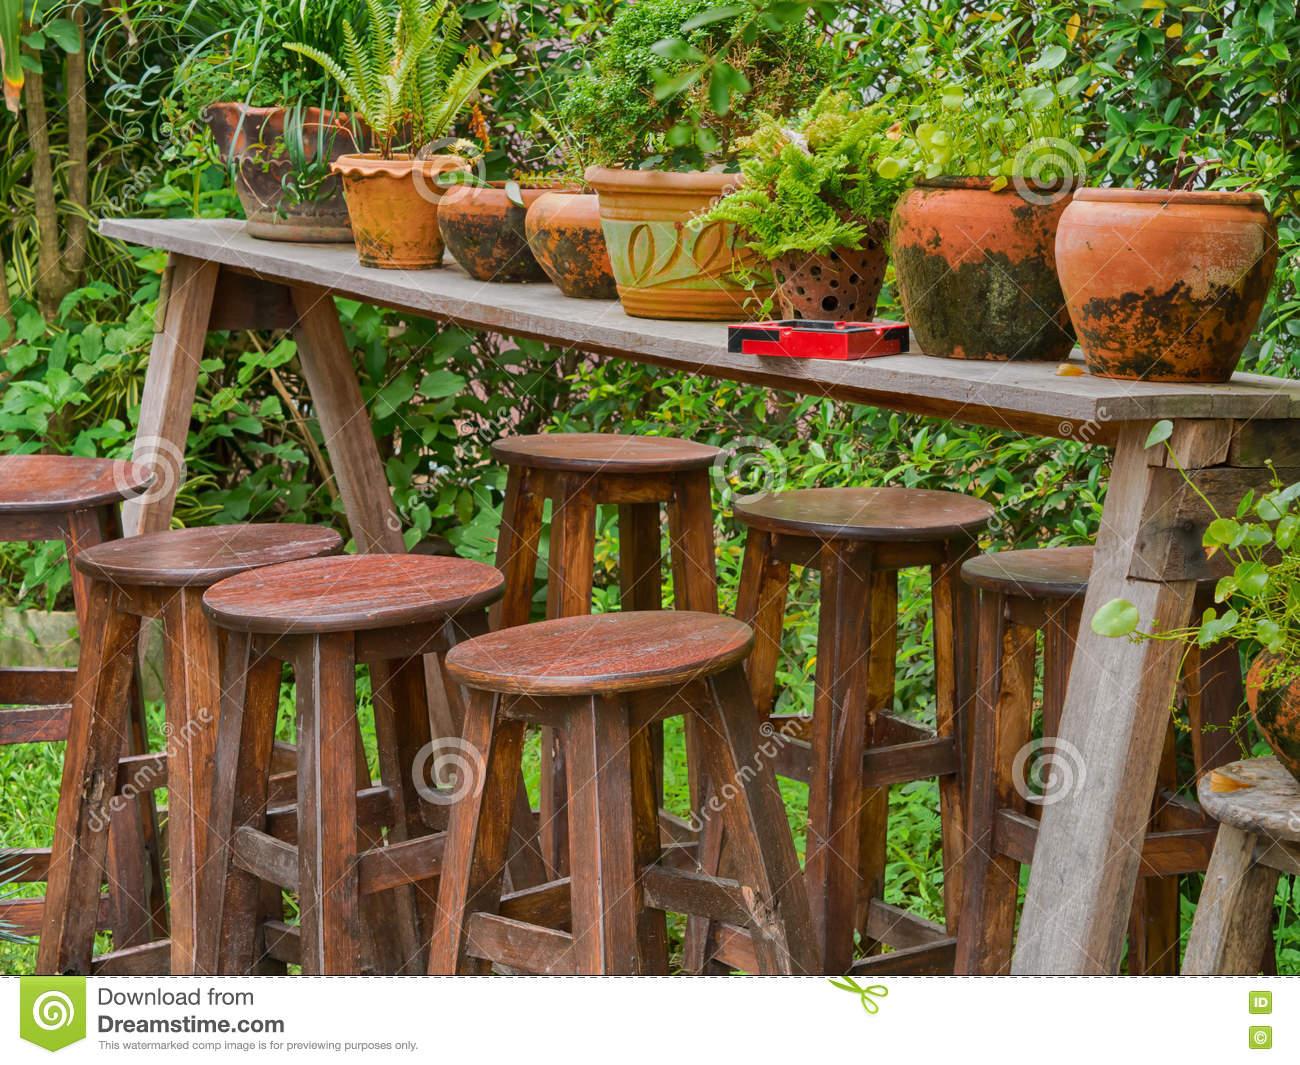 Full Size of Holztisch Garten Rund Ausziehbar Ebay Kleinanzeigen Massiv Gebraucht Ikea Selber Bauen Rustikal Farn In Tongefen Auf Beistelltisch Trennwand Feuerschale Zaun Garten Holztisch Garten